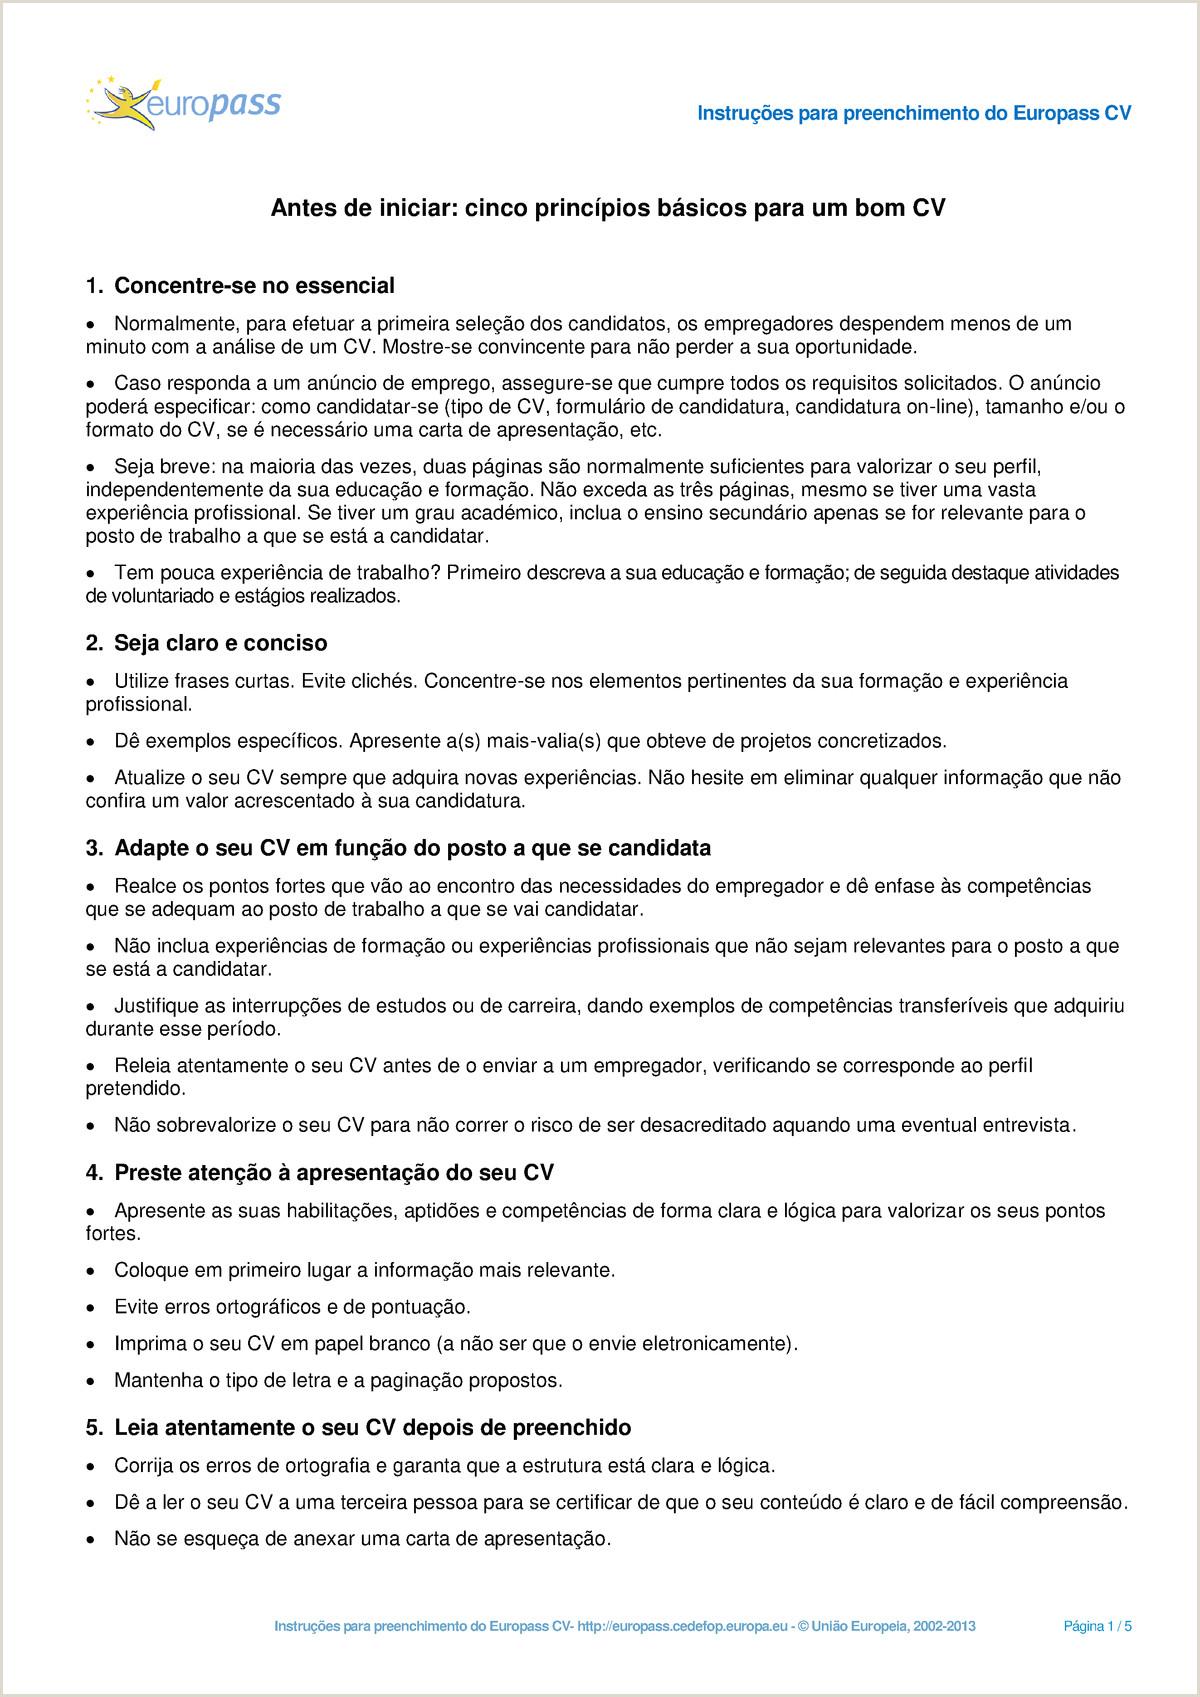 CVInstructions nada Engenharia Informática 9119 StuDocu